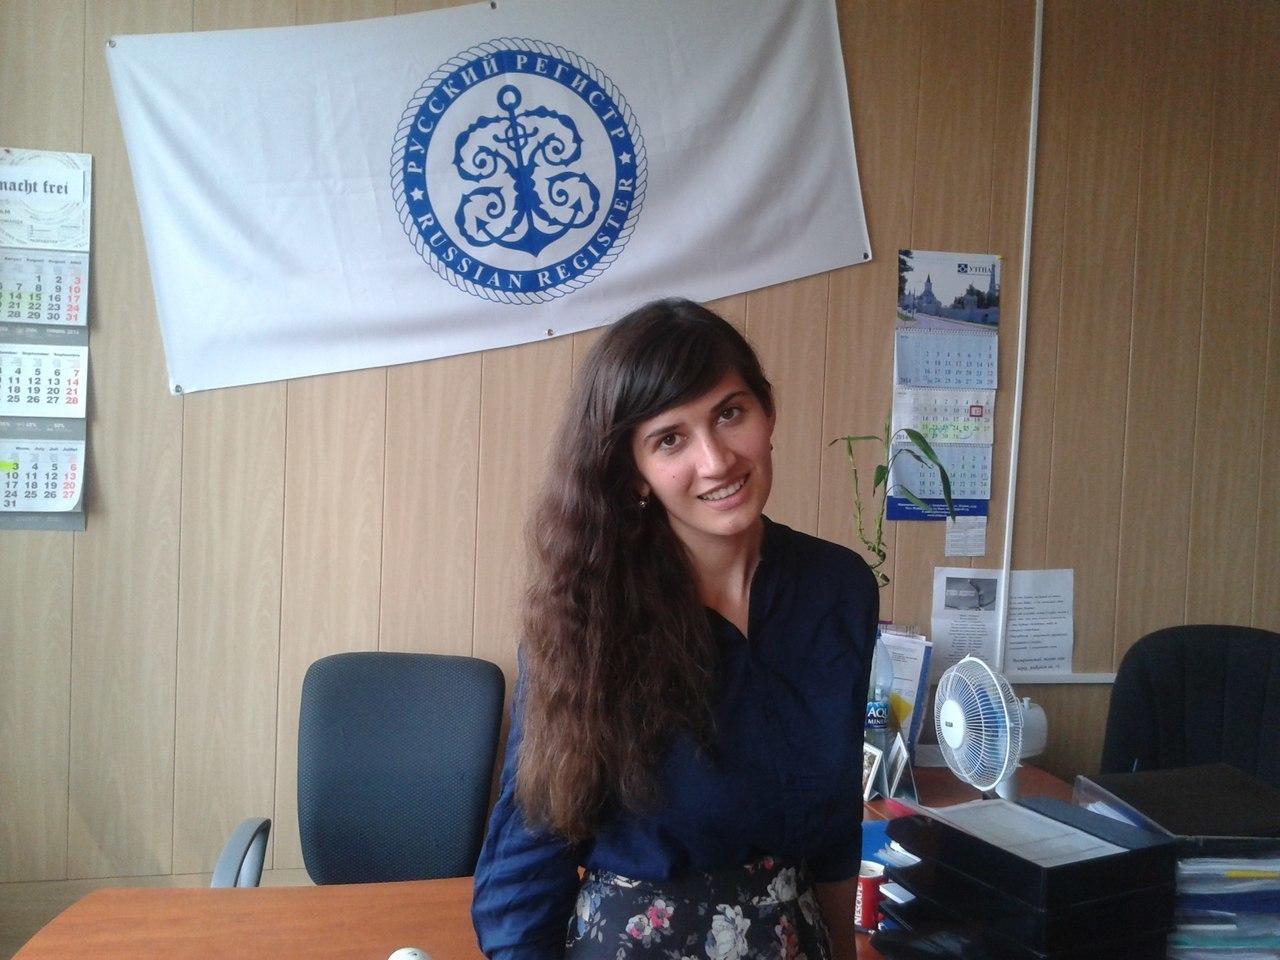 Магистрант ФИТ2ИТУСУРа Анна Романова поделилась своими впечатлениями отпрошедшего лета